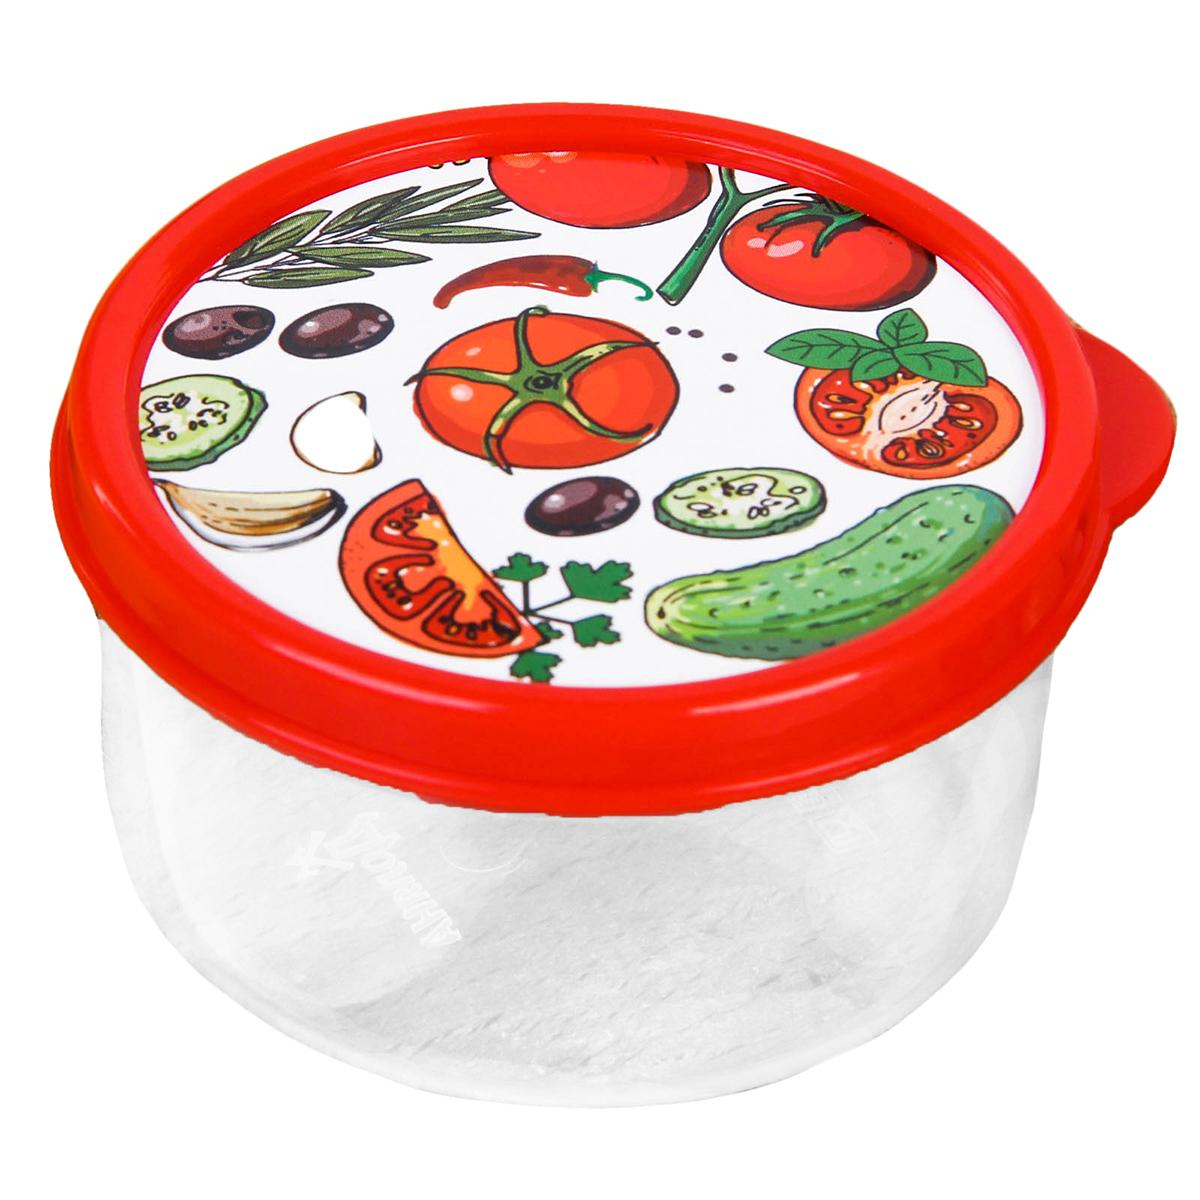 """Ланч-бокс """"Овощной микс"""" изготовлен из качественного пищевого пластика. Снабжен плотно закрывающейся крышкой, а это значит, что вы сможете брать на работу, в дорогу или на пикник разнообразную, а самое главное - вкусную и полезную пищу! Оригинальный рисунок на крышке поднимет настроение хозяину и окружающим.  Контейнер прост и удобен в обращении: его можно хранить в холодильнике, разогревать в микроволновой печи, мыть в посудомоечной машине."""